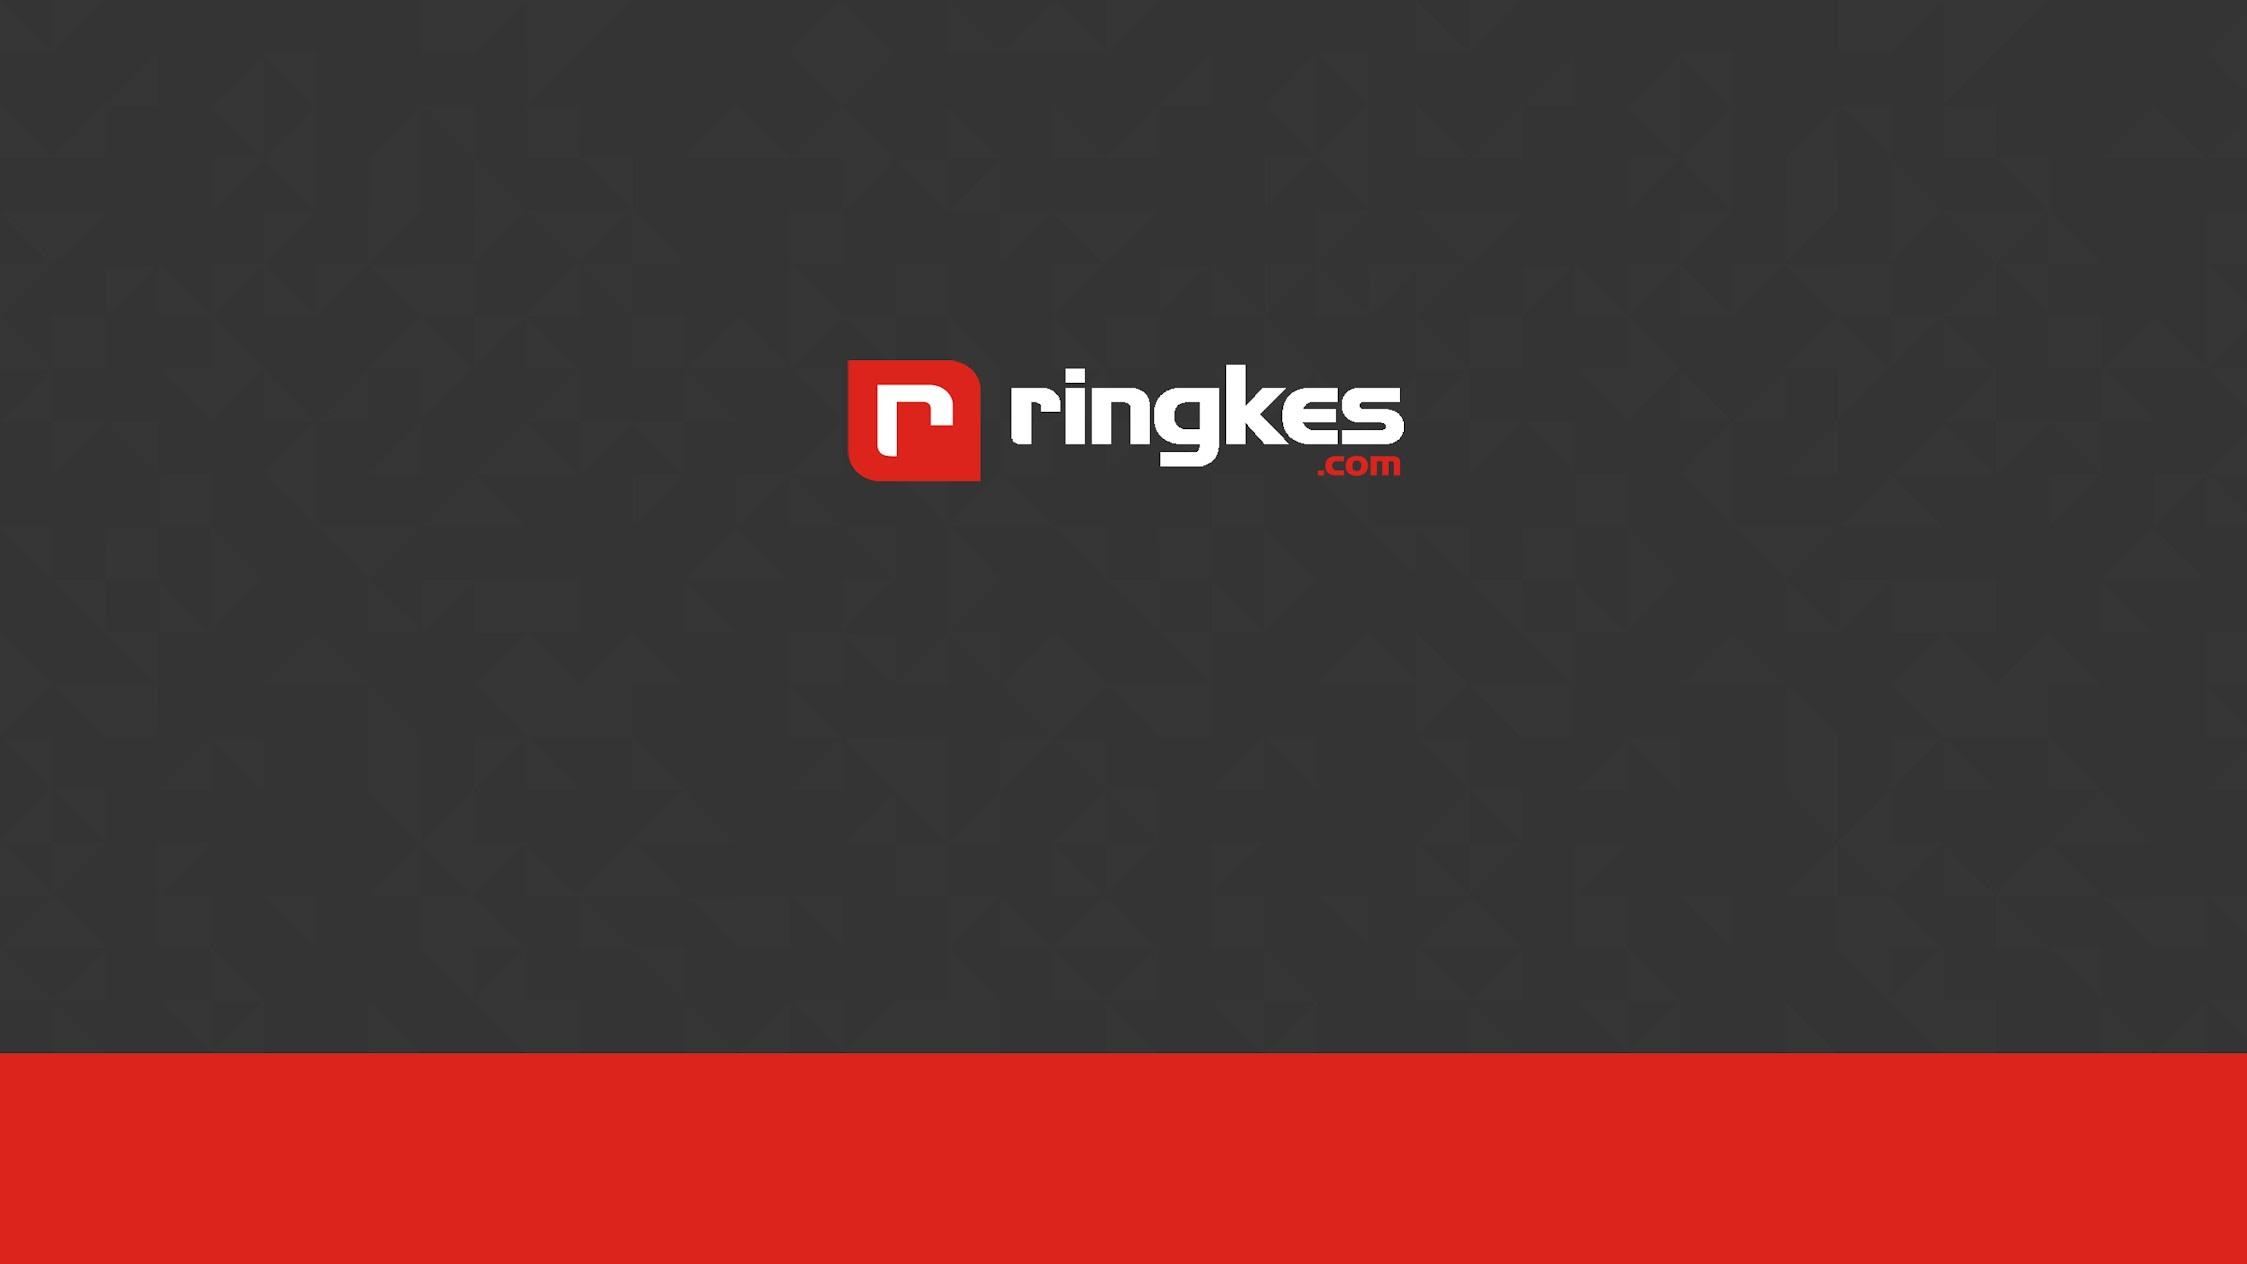 ringkes